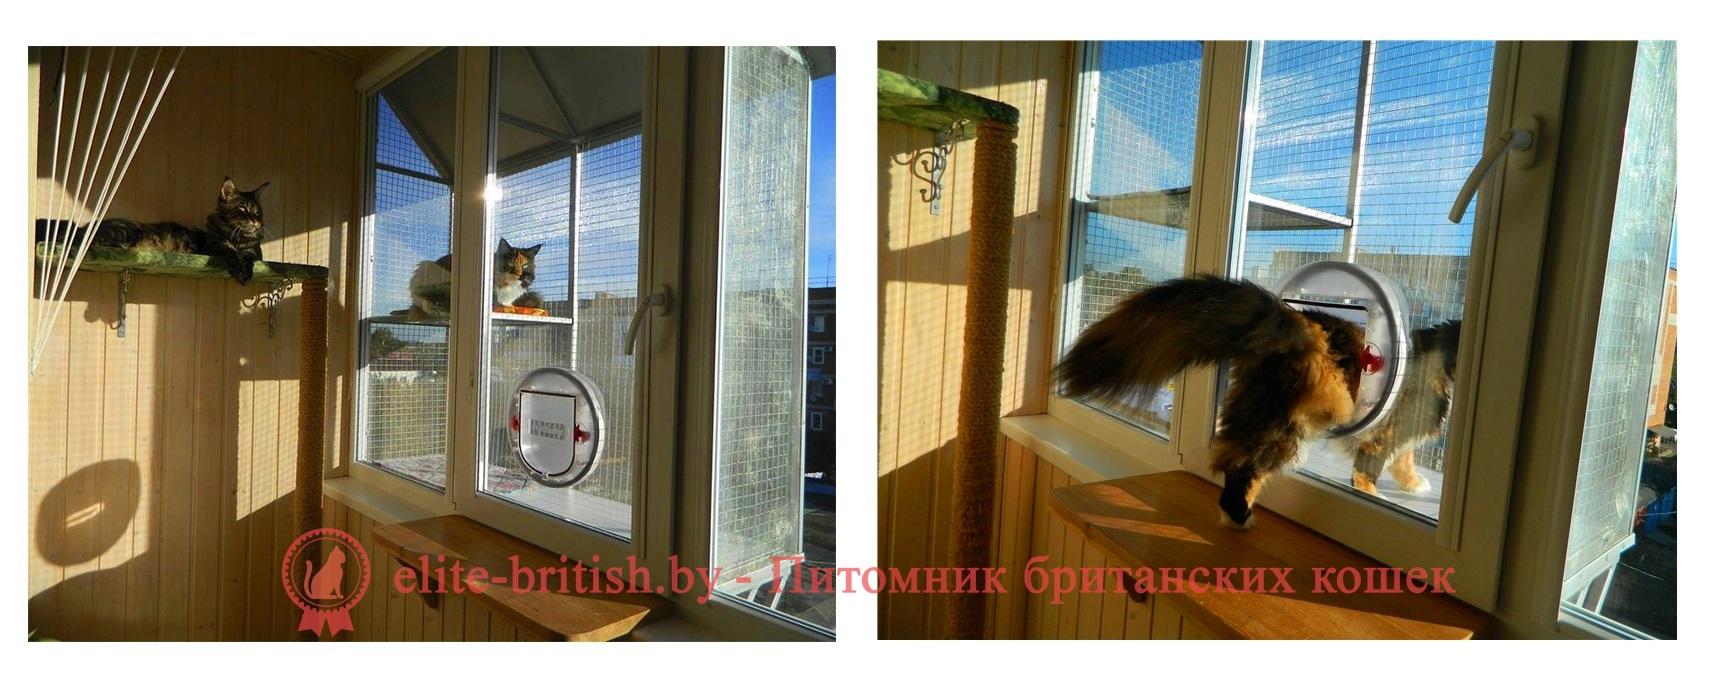 Сетка на окно для кошек своими руками 61